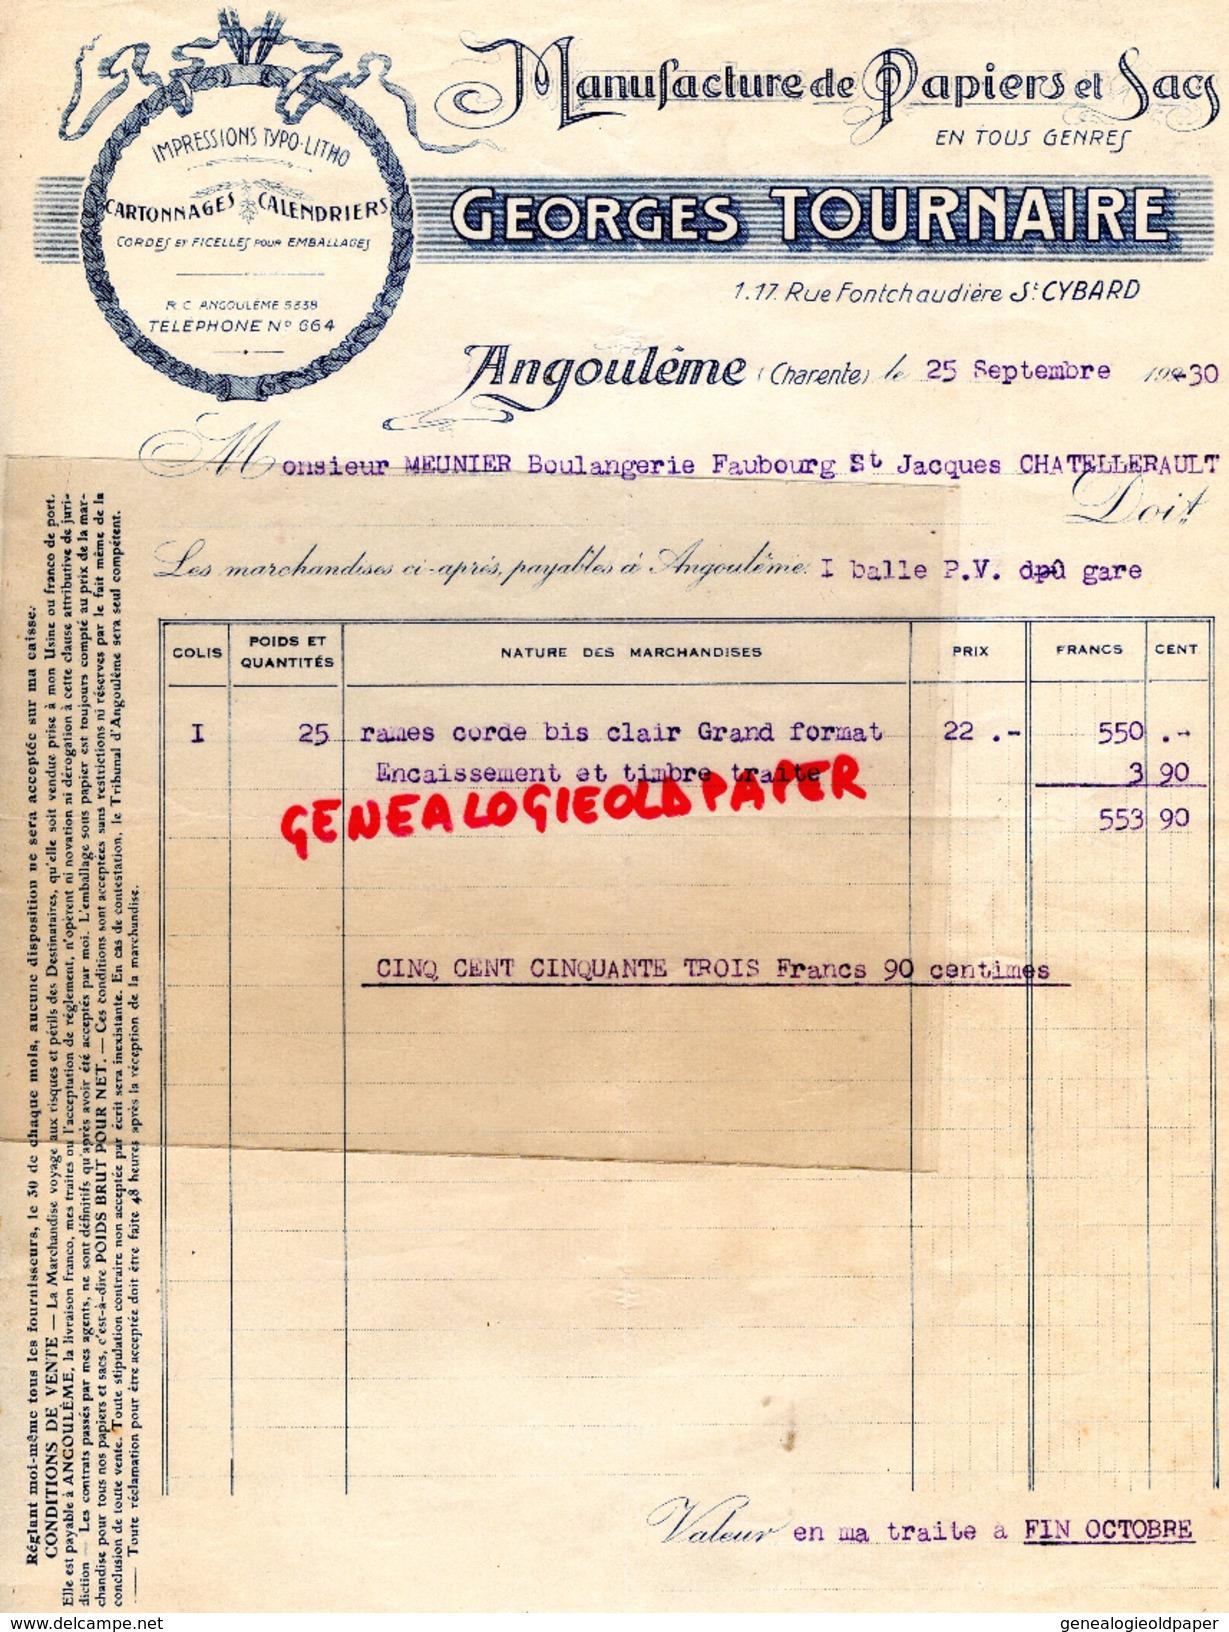 16 -ANGOULEME -FACTURE MANUFACTURE PAPIERS PAPETERIE IMPRIMERIE- GEORGES TOURNAIRE-1 RUE FONTCHAUDIERE SAINT CYBARD-1930 - Papeterie